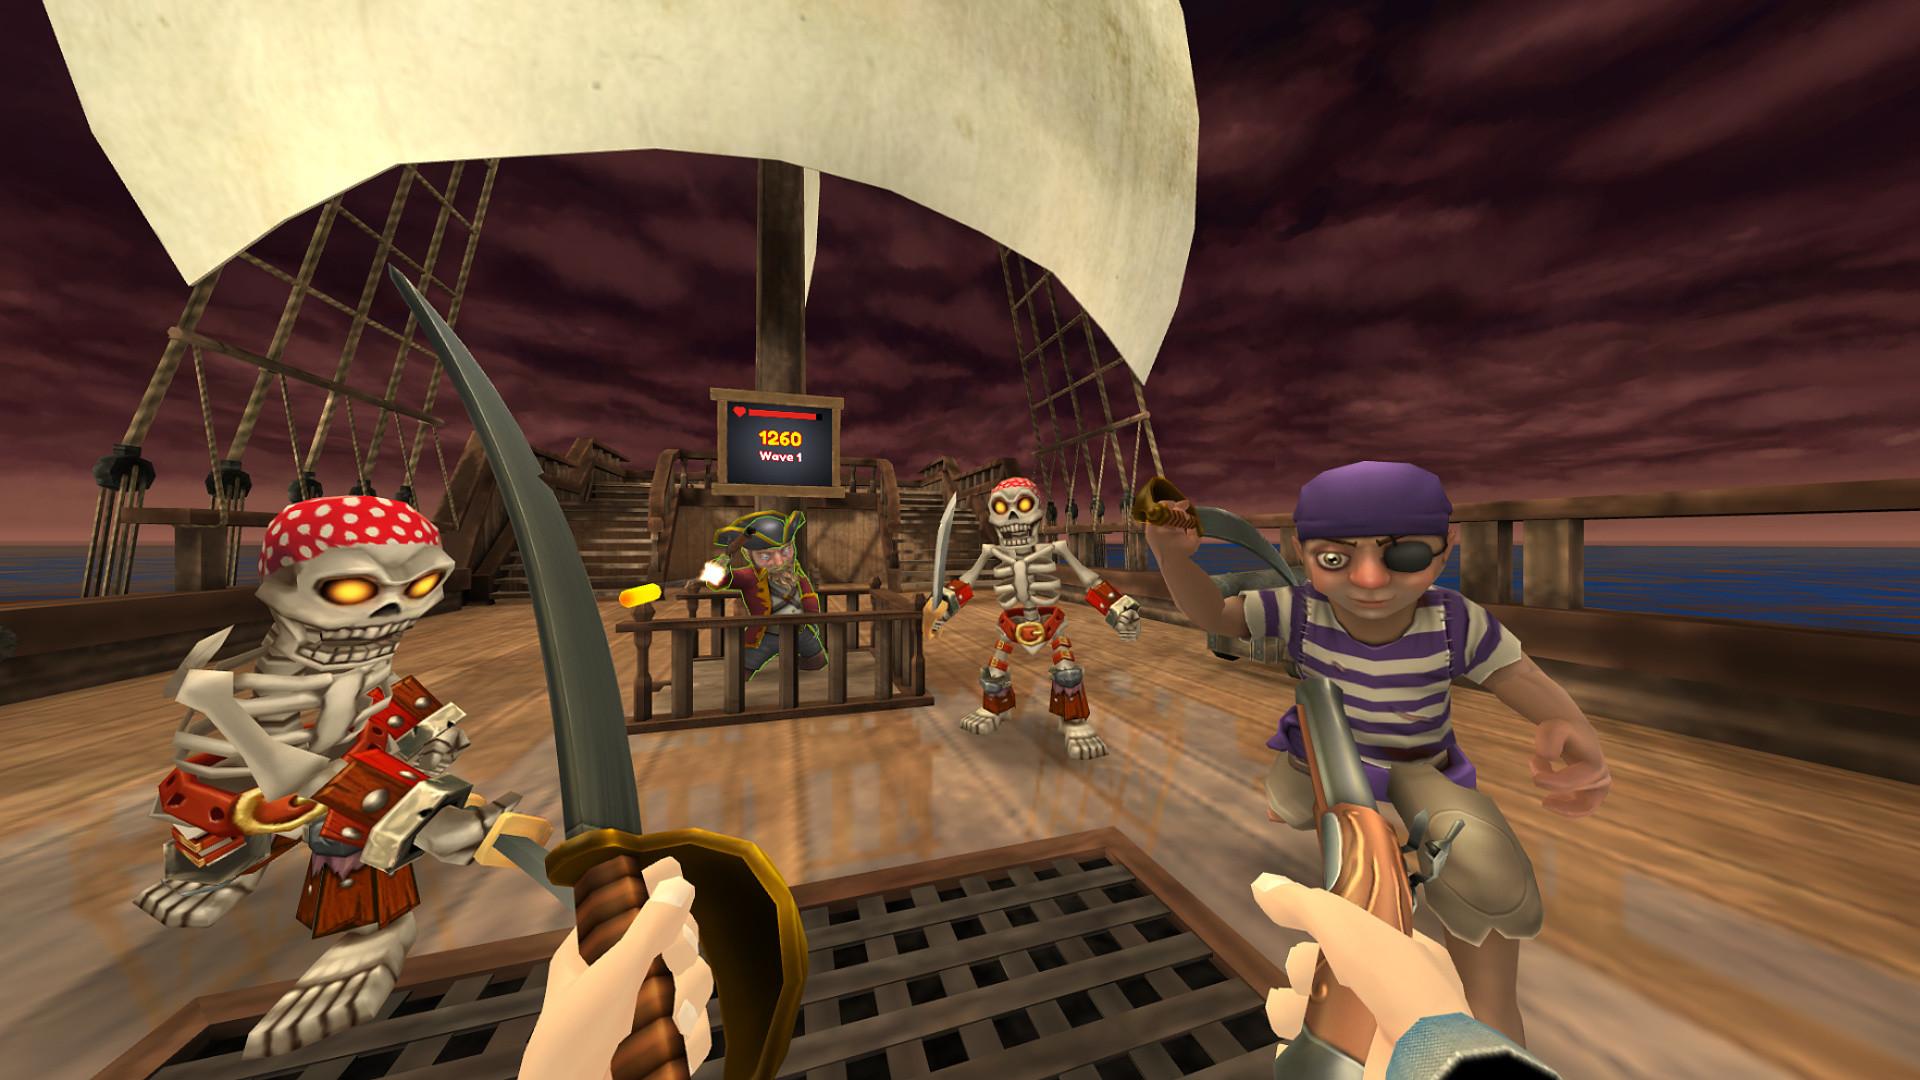 Oculus Quest 游戏《Pirates on Deck VR》甲板上的海盗插图(1)